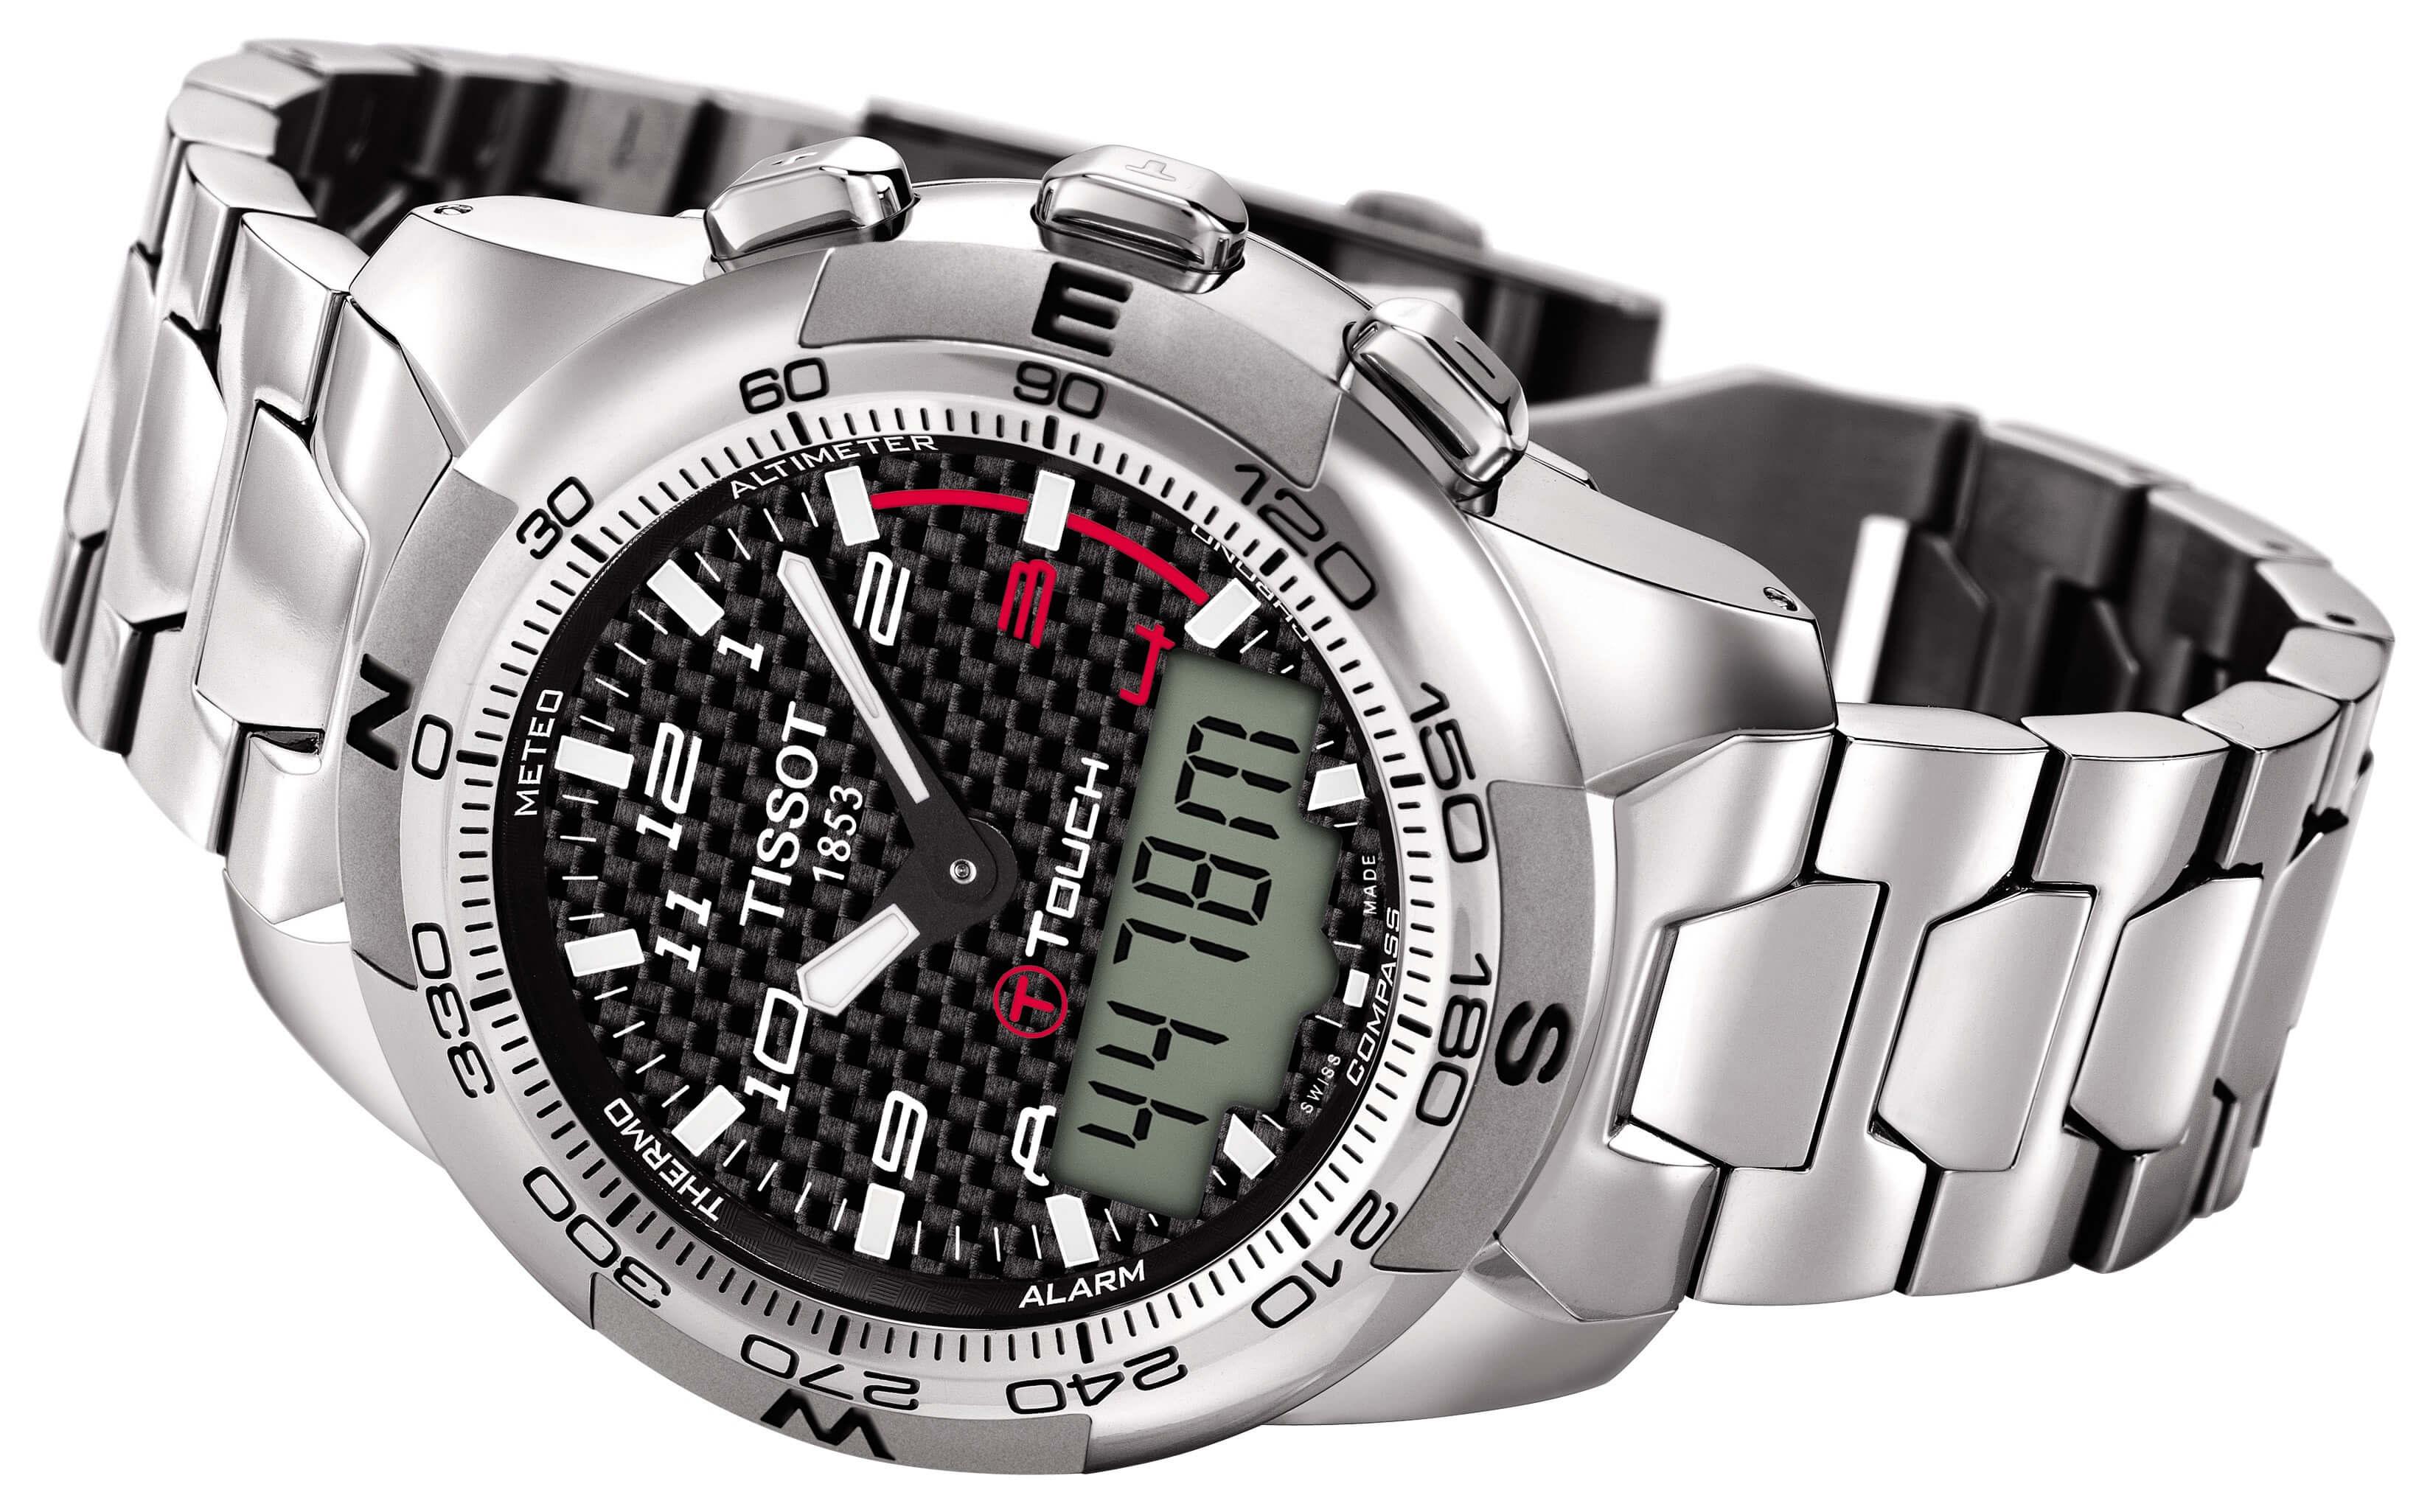 Tư vấn mua đồng hồ Thụy Sỹ Tissot cho quý ông